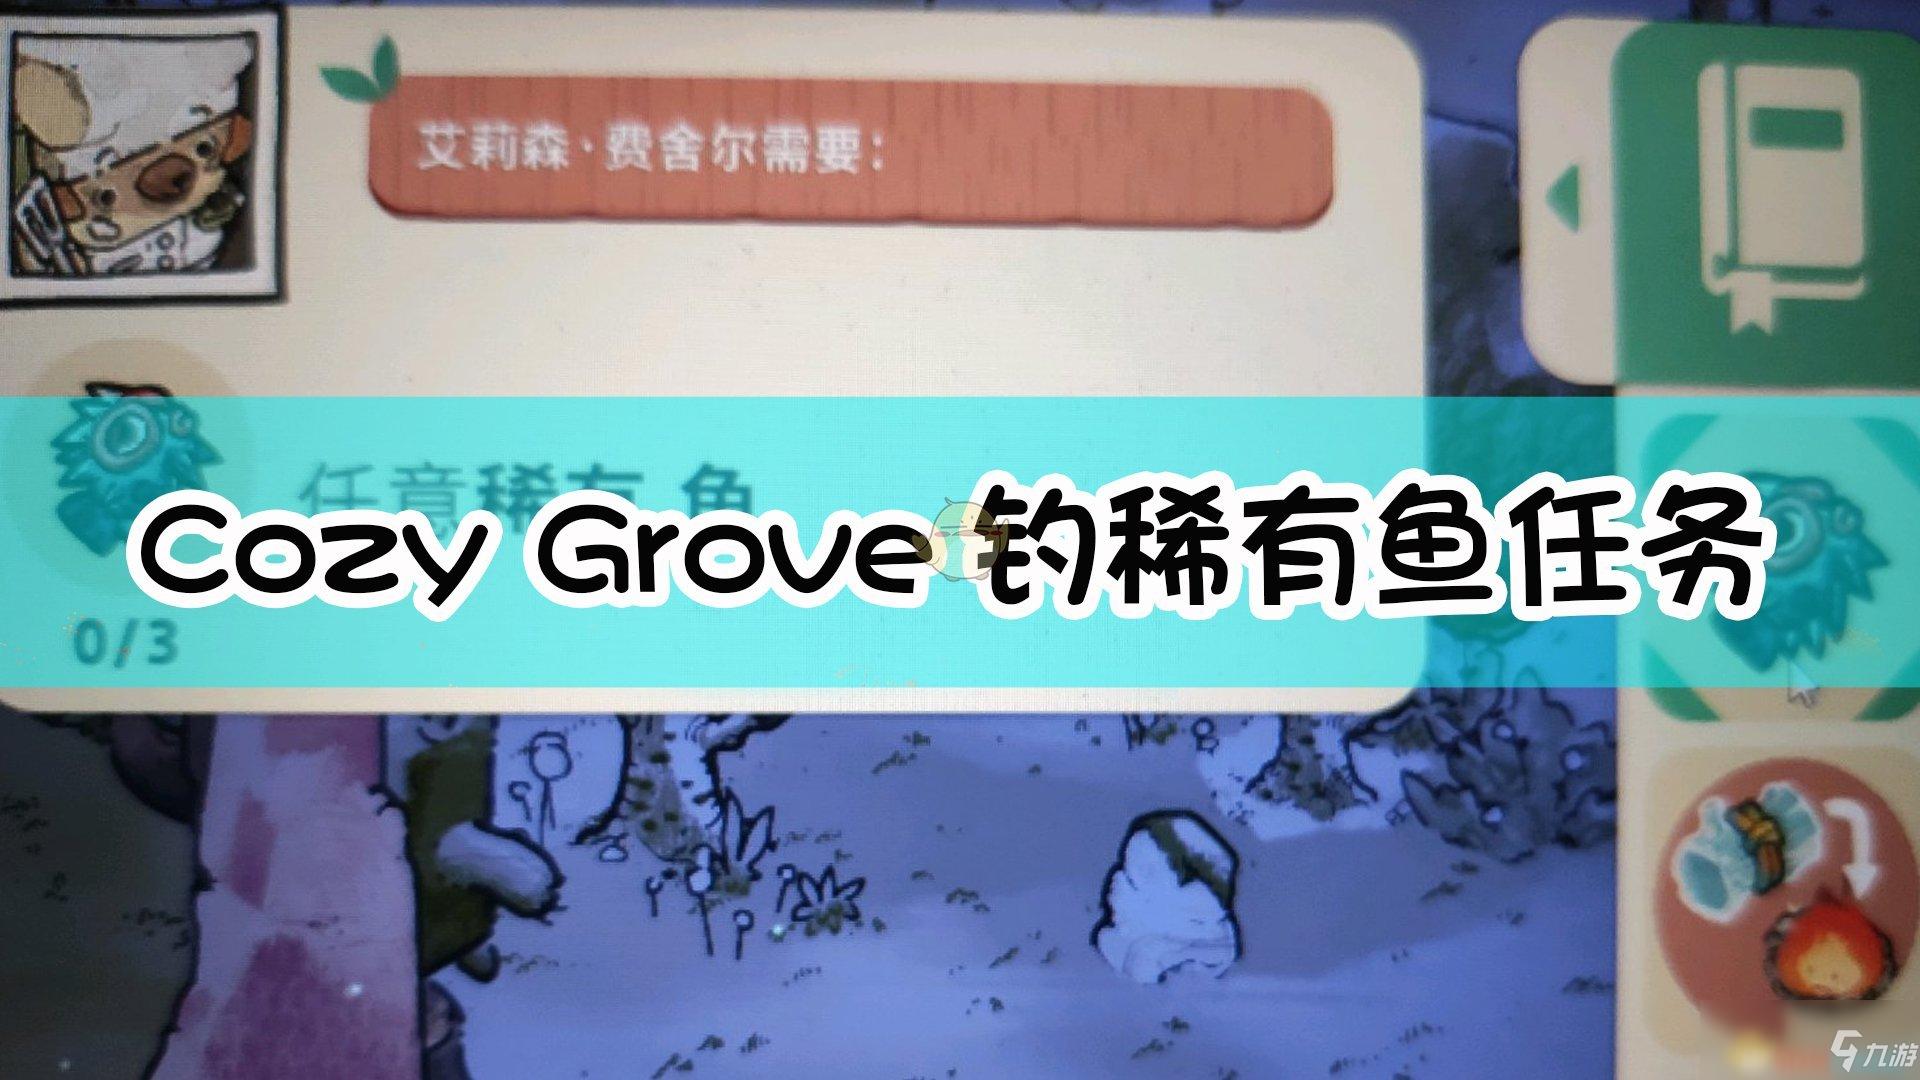 《Cozy Grove》钓稀有鱼任务完成方法介绍